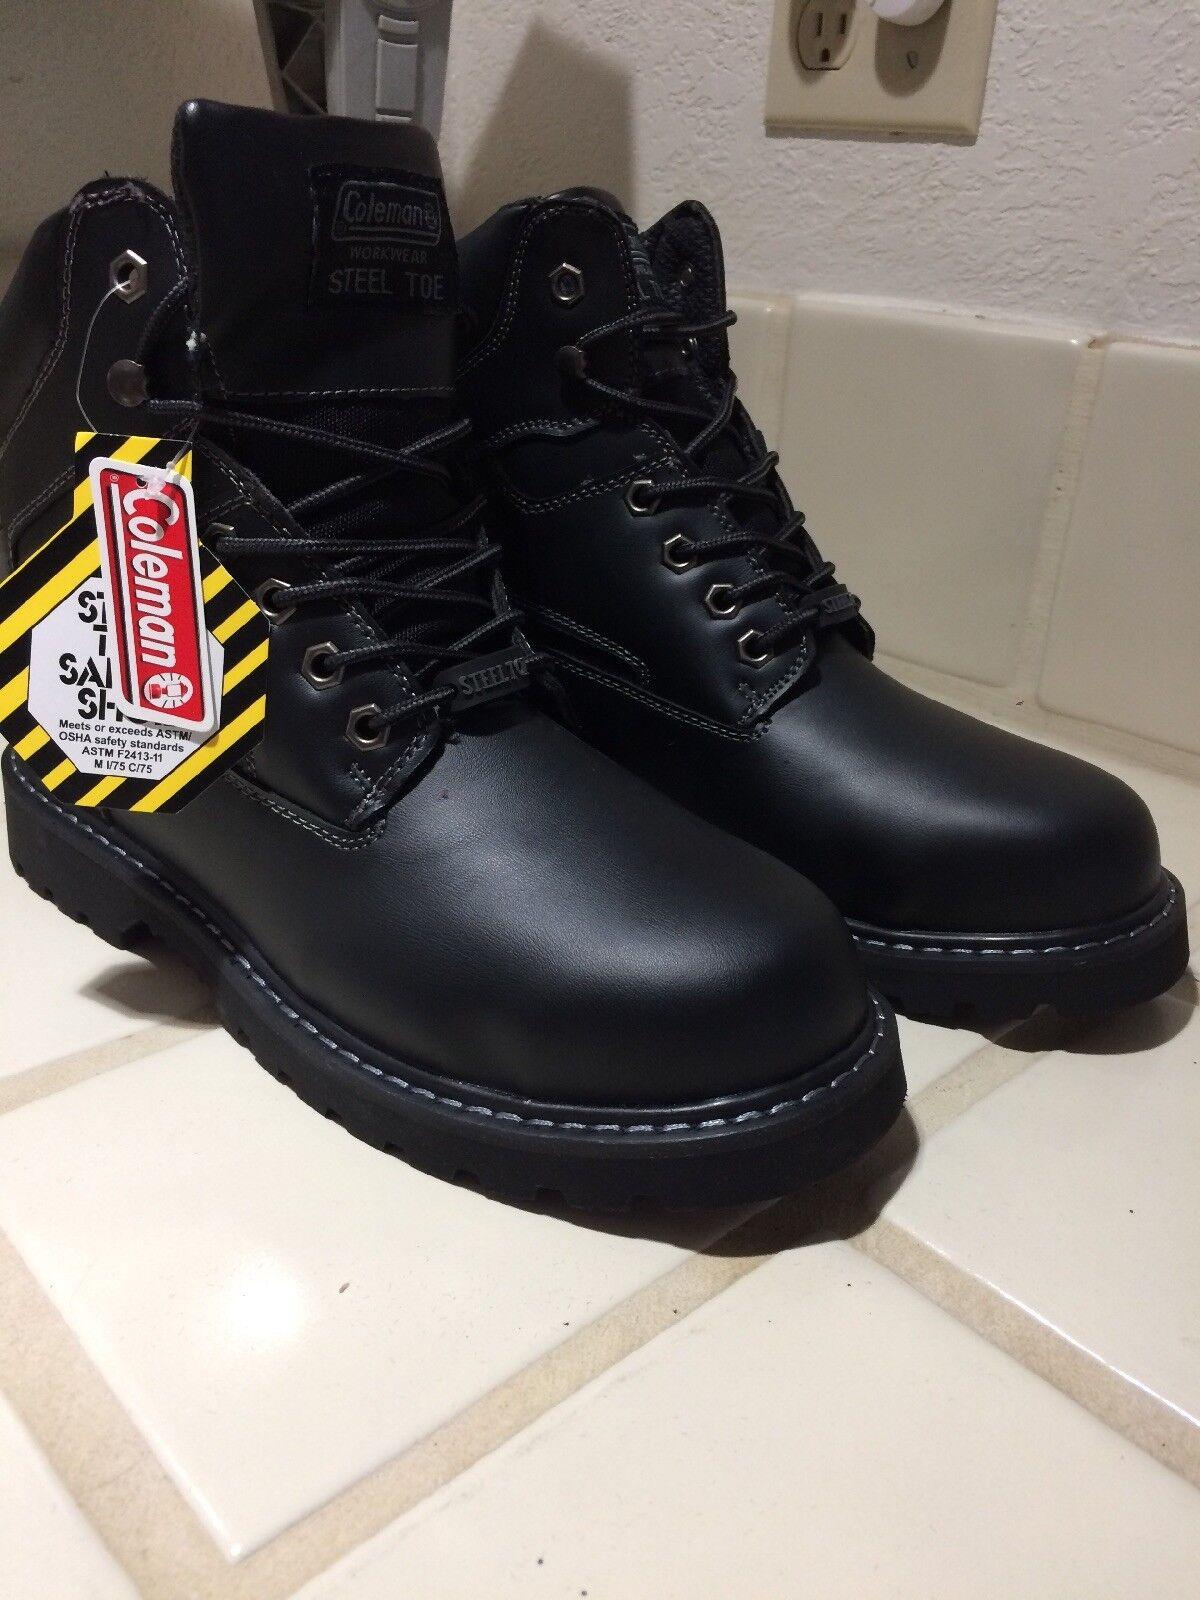 Nuevo Coleman Puntera De Acero botas para hombre Ropa De Trabajo De Cuero Negro Socket